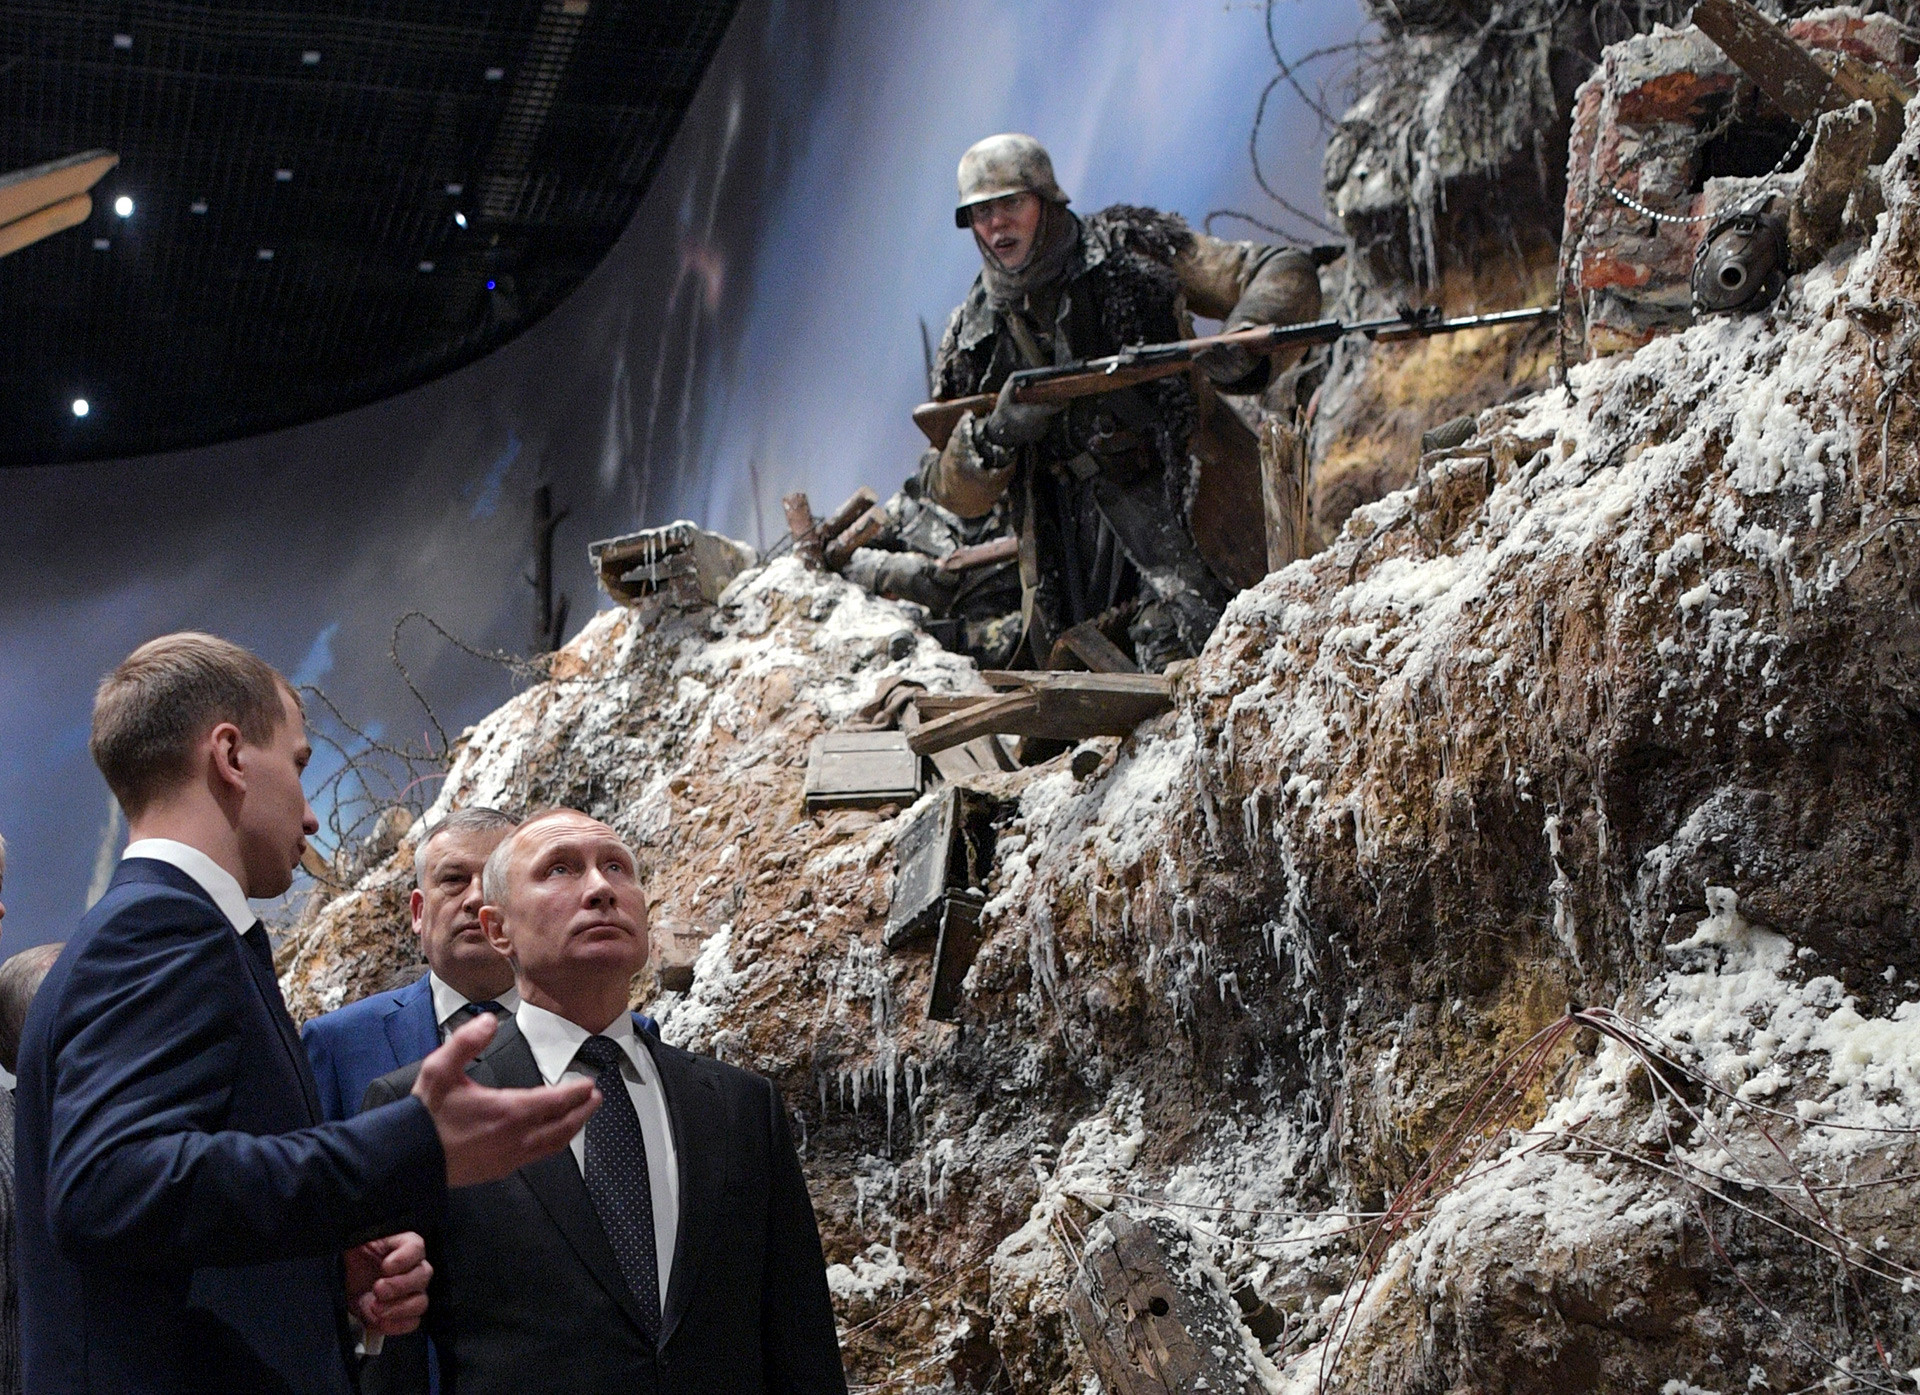 Владимир Путин је предложио да се уместо привремених експозиција посвећених борбама направи стална 3D панорама.